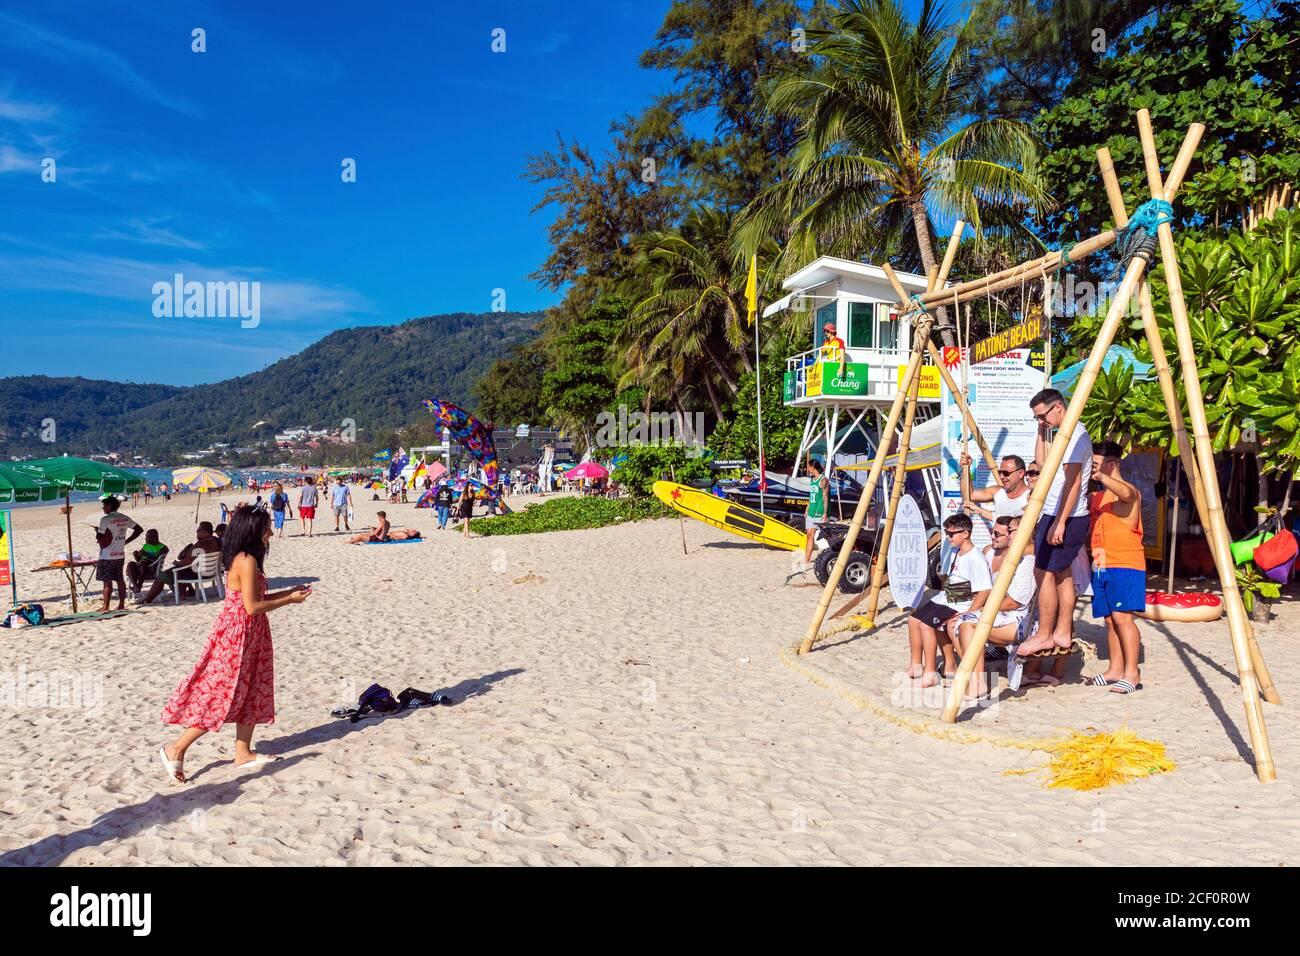 Famille touristique et balançoire en bois sur la plage de Patong, Phuket, Thaïlande Banque D'Images